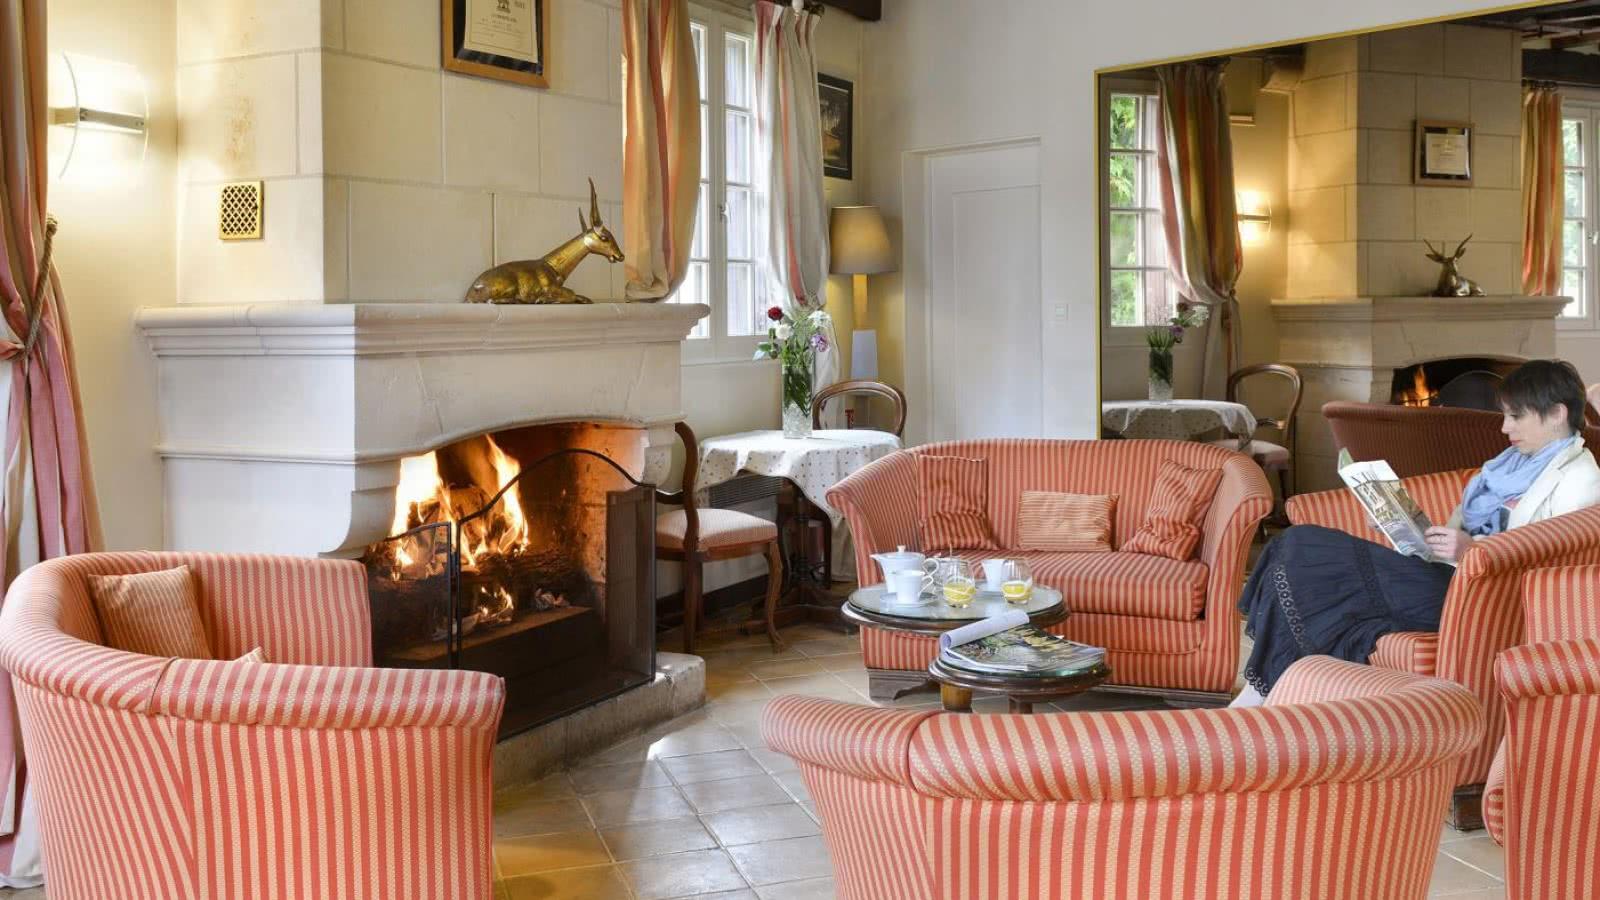 Feu de cheminée à l'Auberge du Centre de Chitenay - Vacances gourmandes et cosy en Loir-et-Cher Val de Loire ©Auberge du Centre